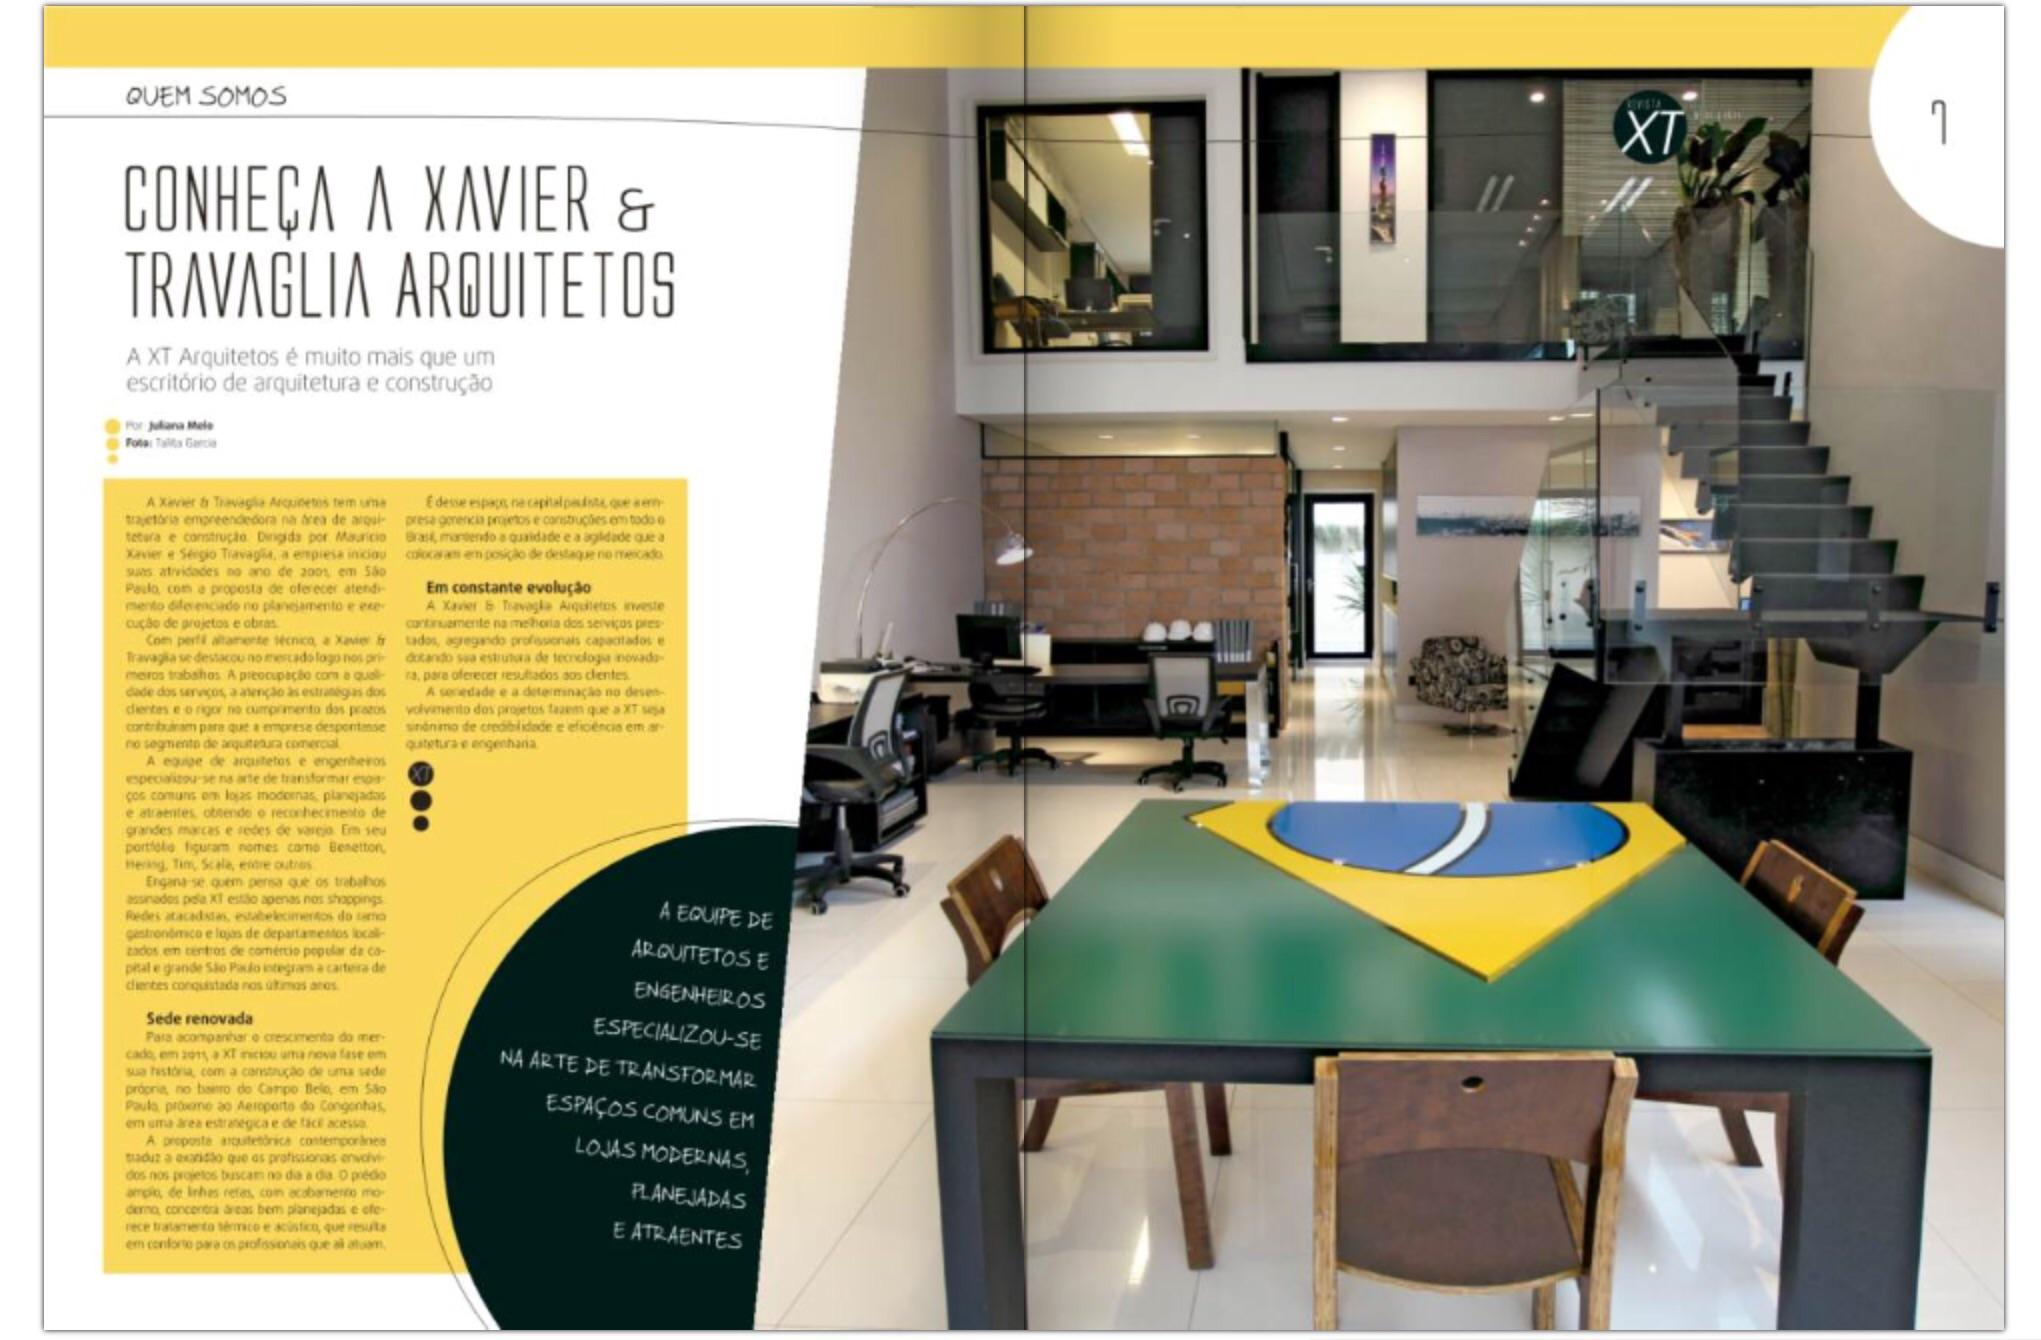 Conheça a Xavier & Travaglia Engenharia e Construção